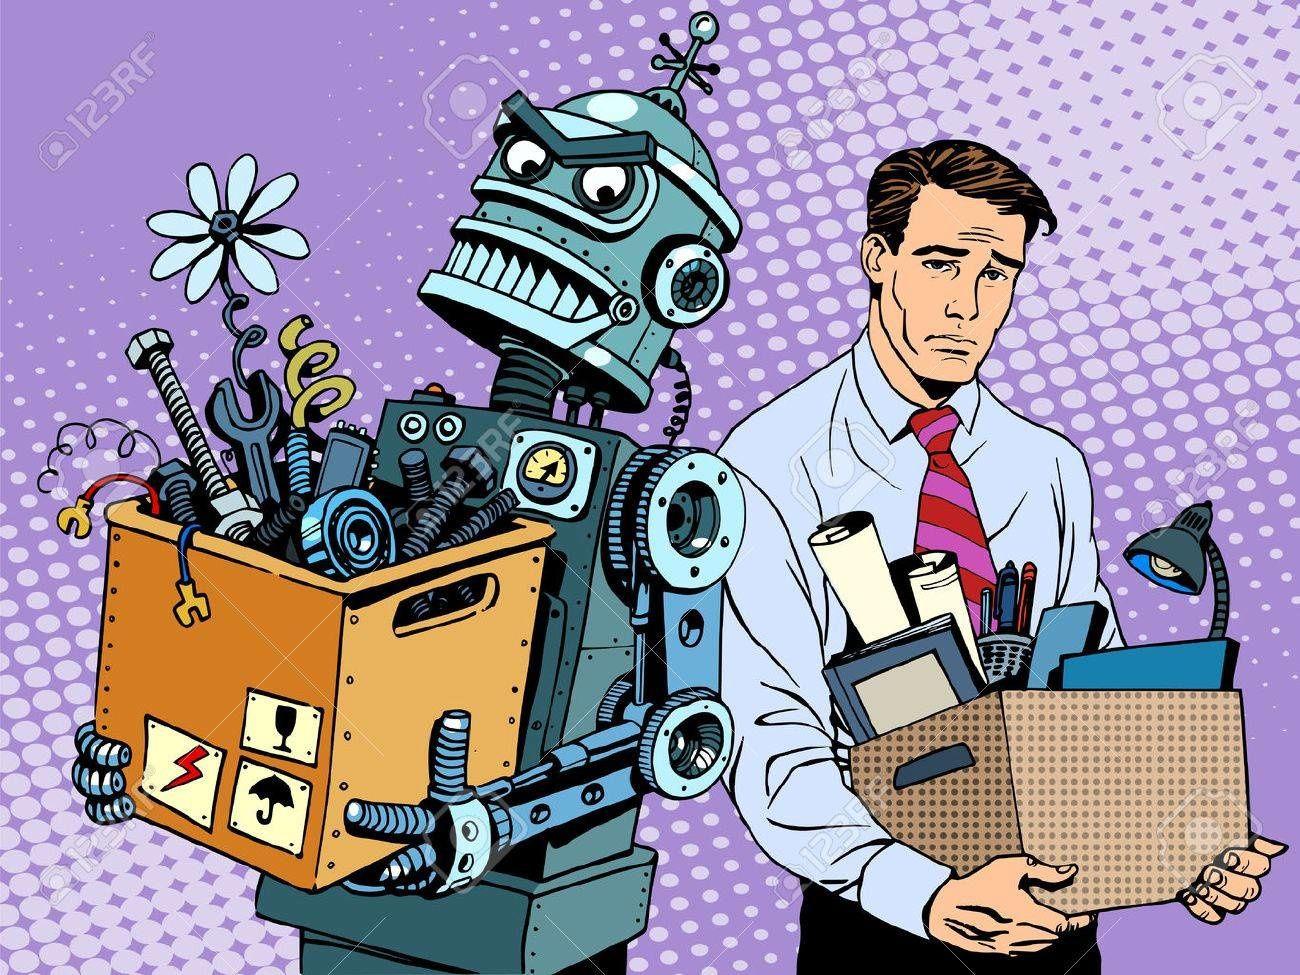 Votre emploi est-il menacé par les robots?